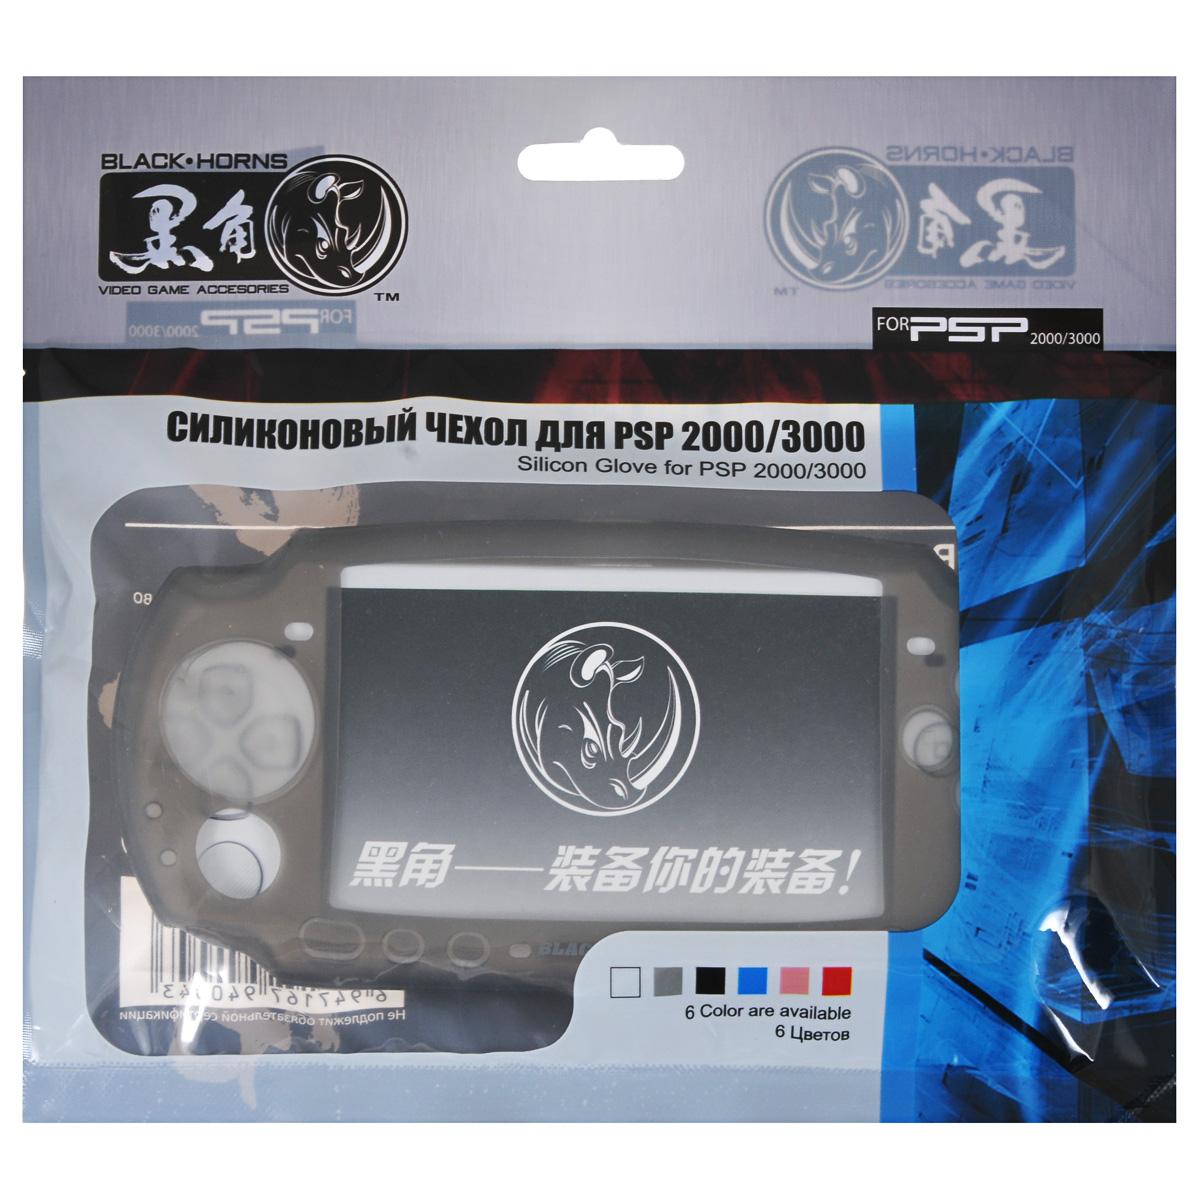 Силиконовый чехол для PSP 2000/3000 (серый)BH-PSP02231(F)Силиконовый чехол для PSP 2000/3000 надежно защитит вашу консоль не только во время переноски, но и при использовании. Он отлично держится в руках и не скользит, а также обеспечивает свободный доступ ко всем клавишам и кнопкам управления.